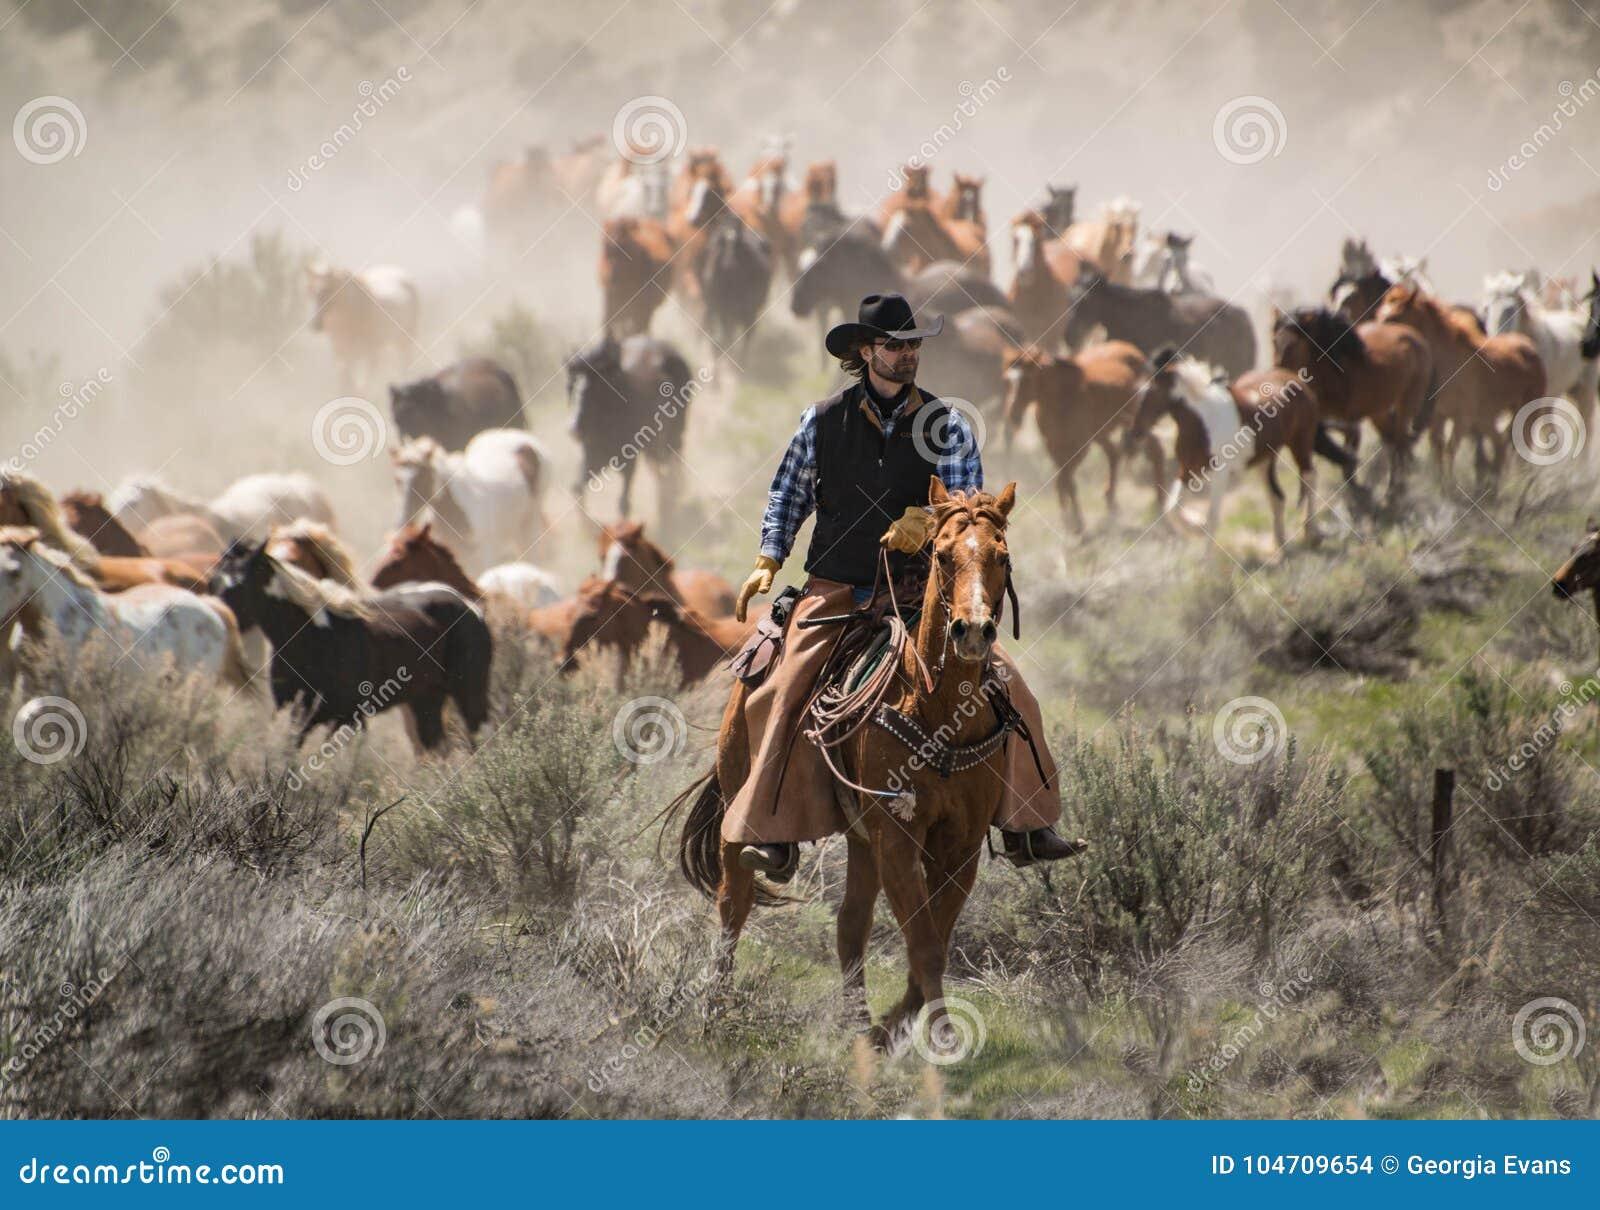 有黑帽会议和栗色马主导的马的牛仔成群在疾驰